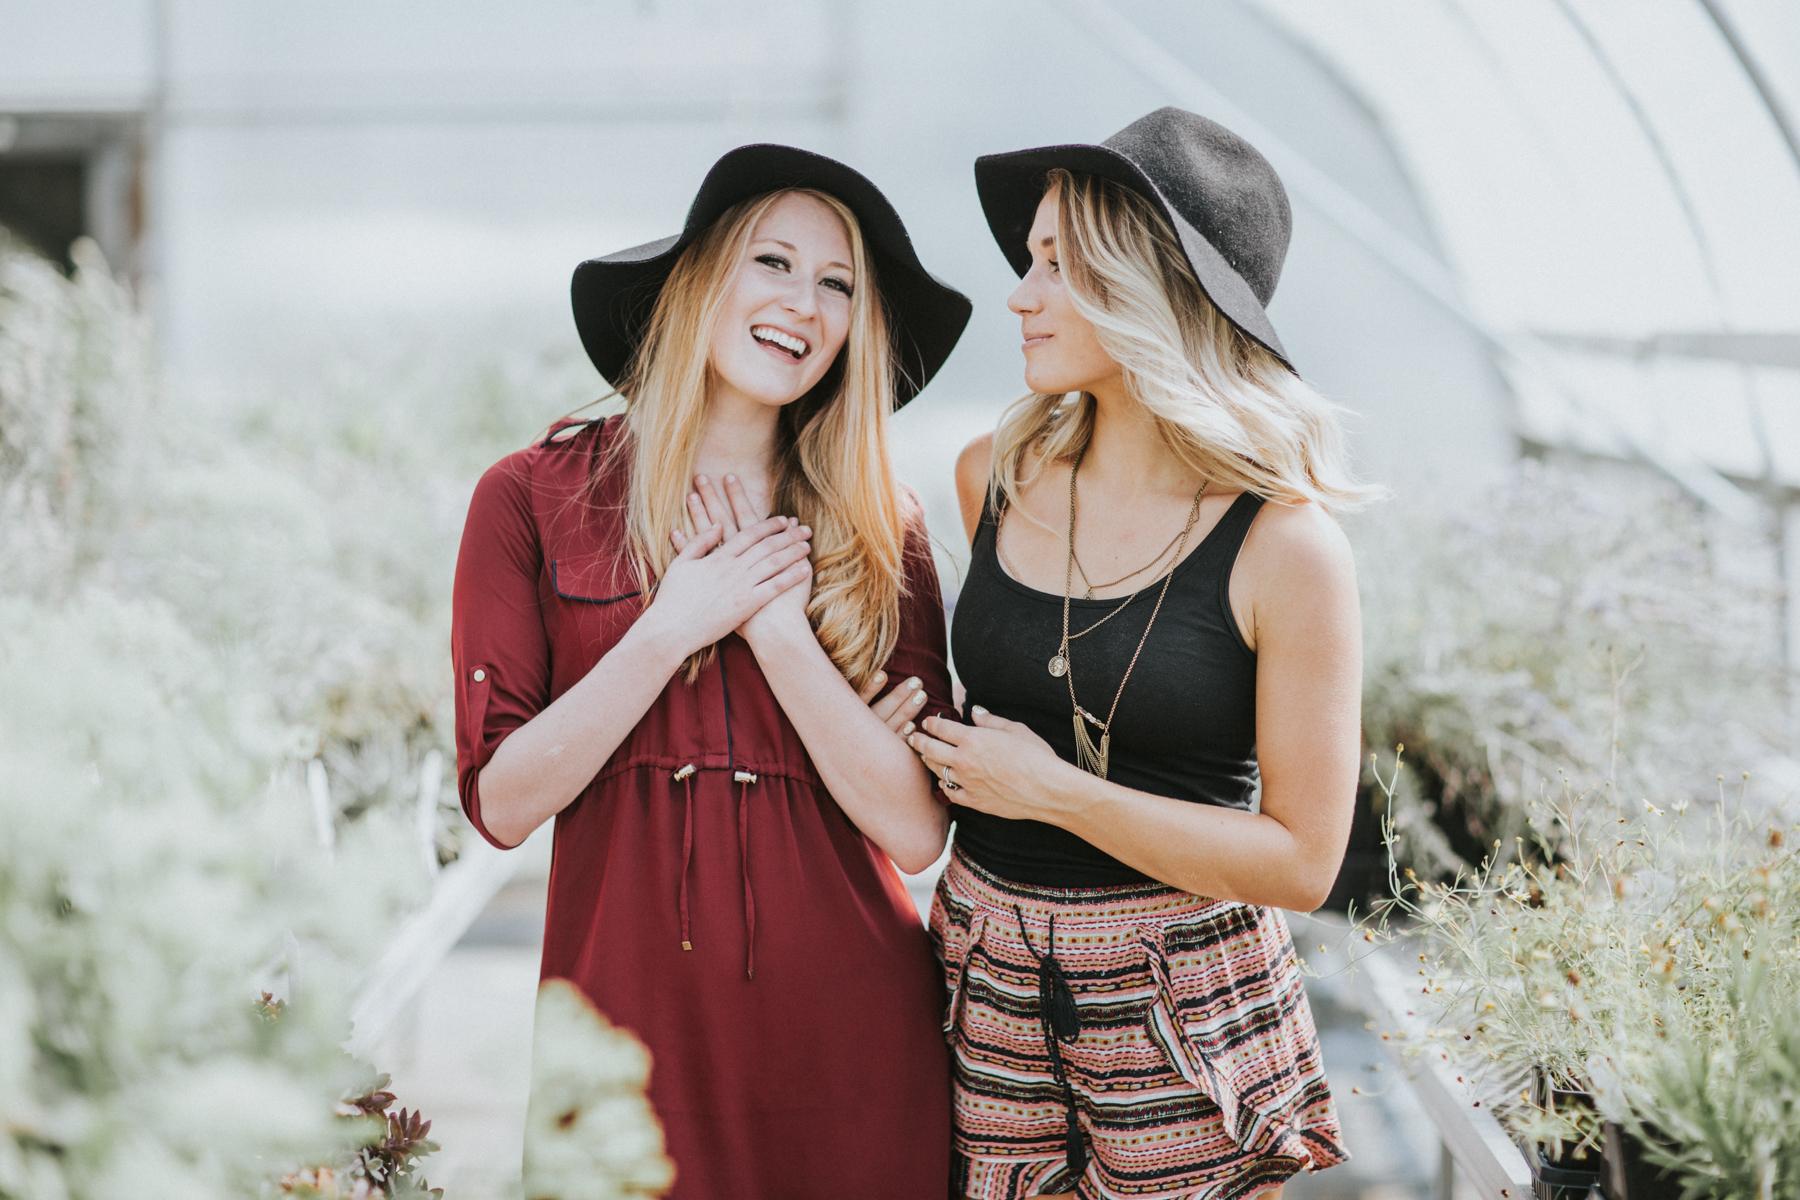 Rachel & elena-6491.jpg